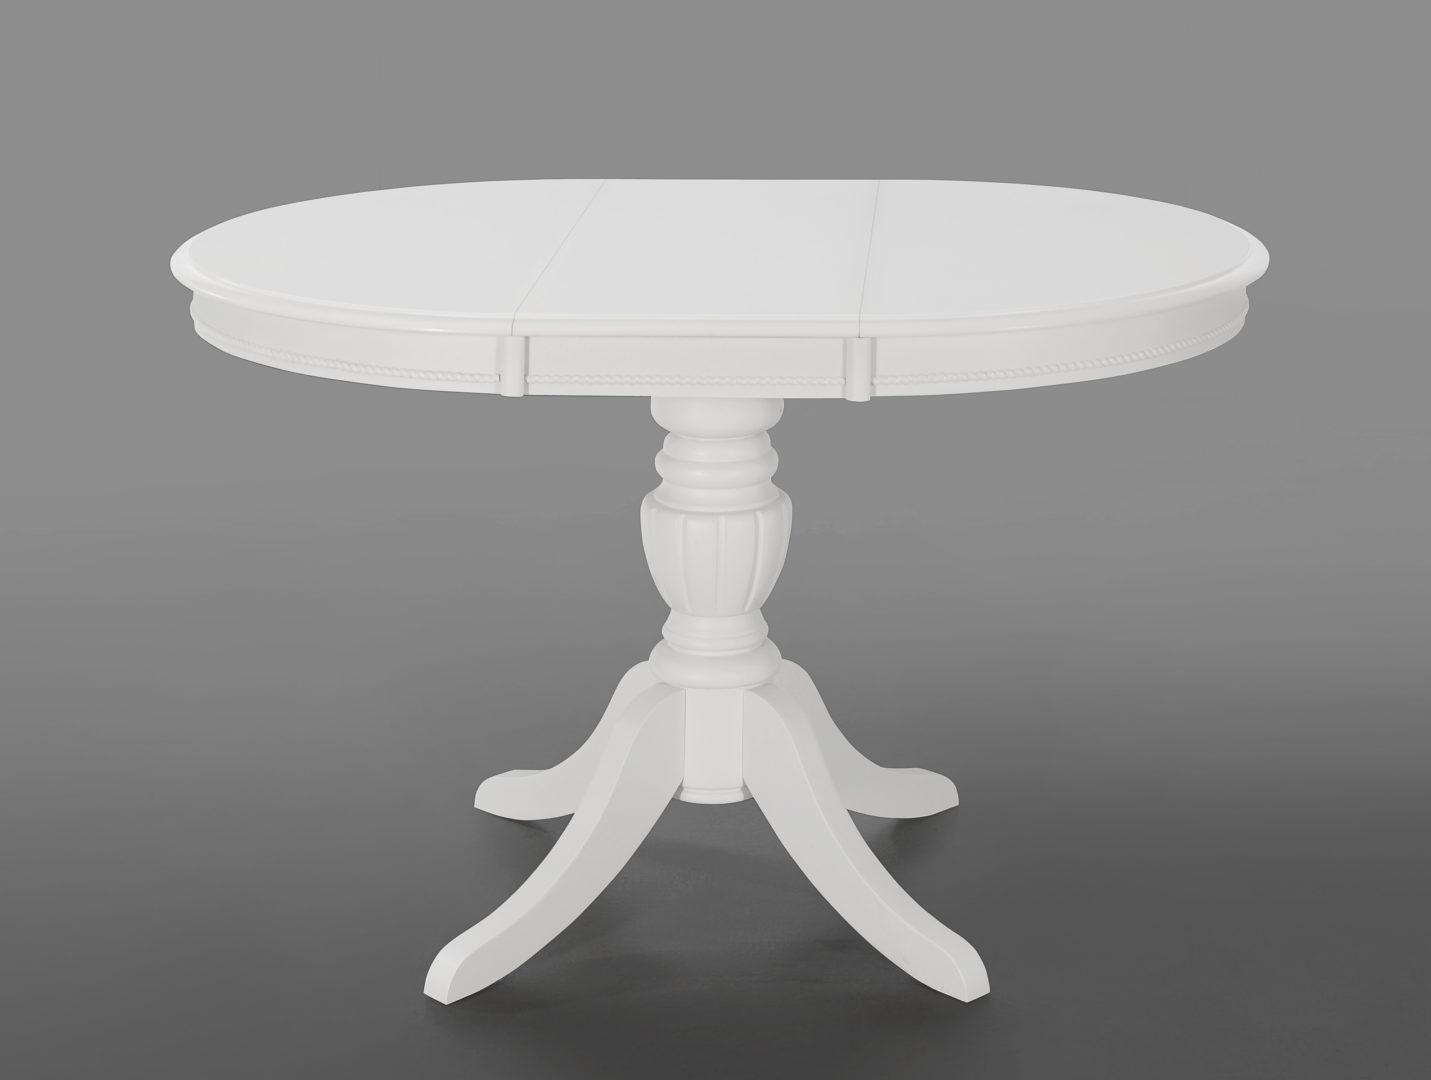 Стол белый обеденный раздвижной «Беатриче нью» (Beatrice new)